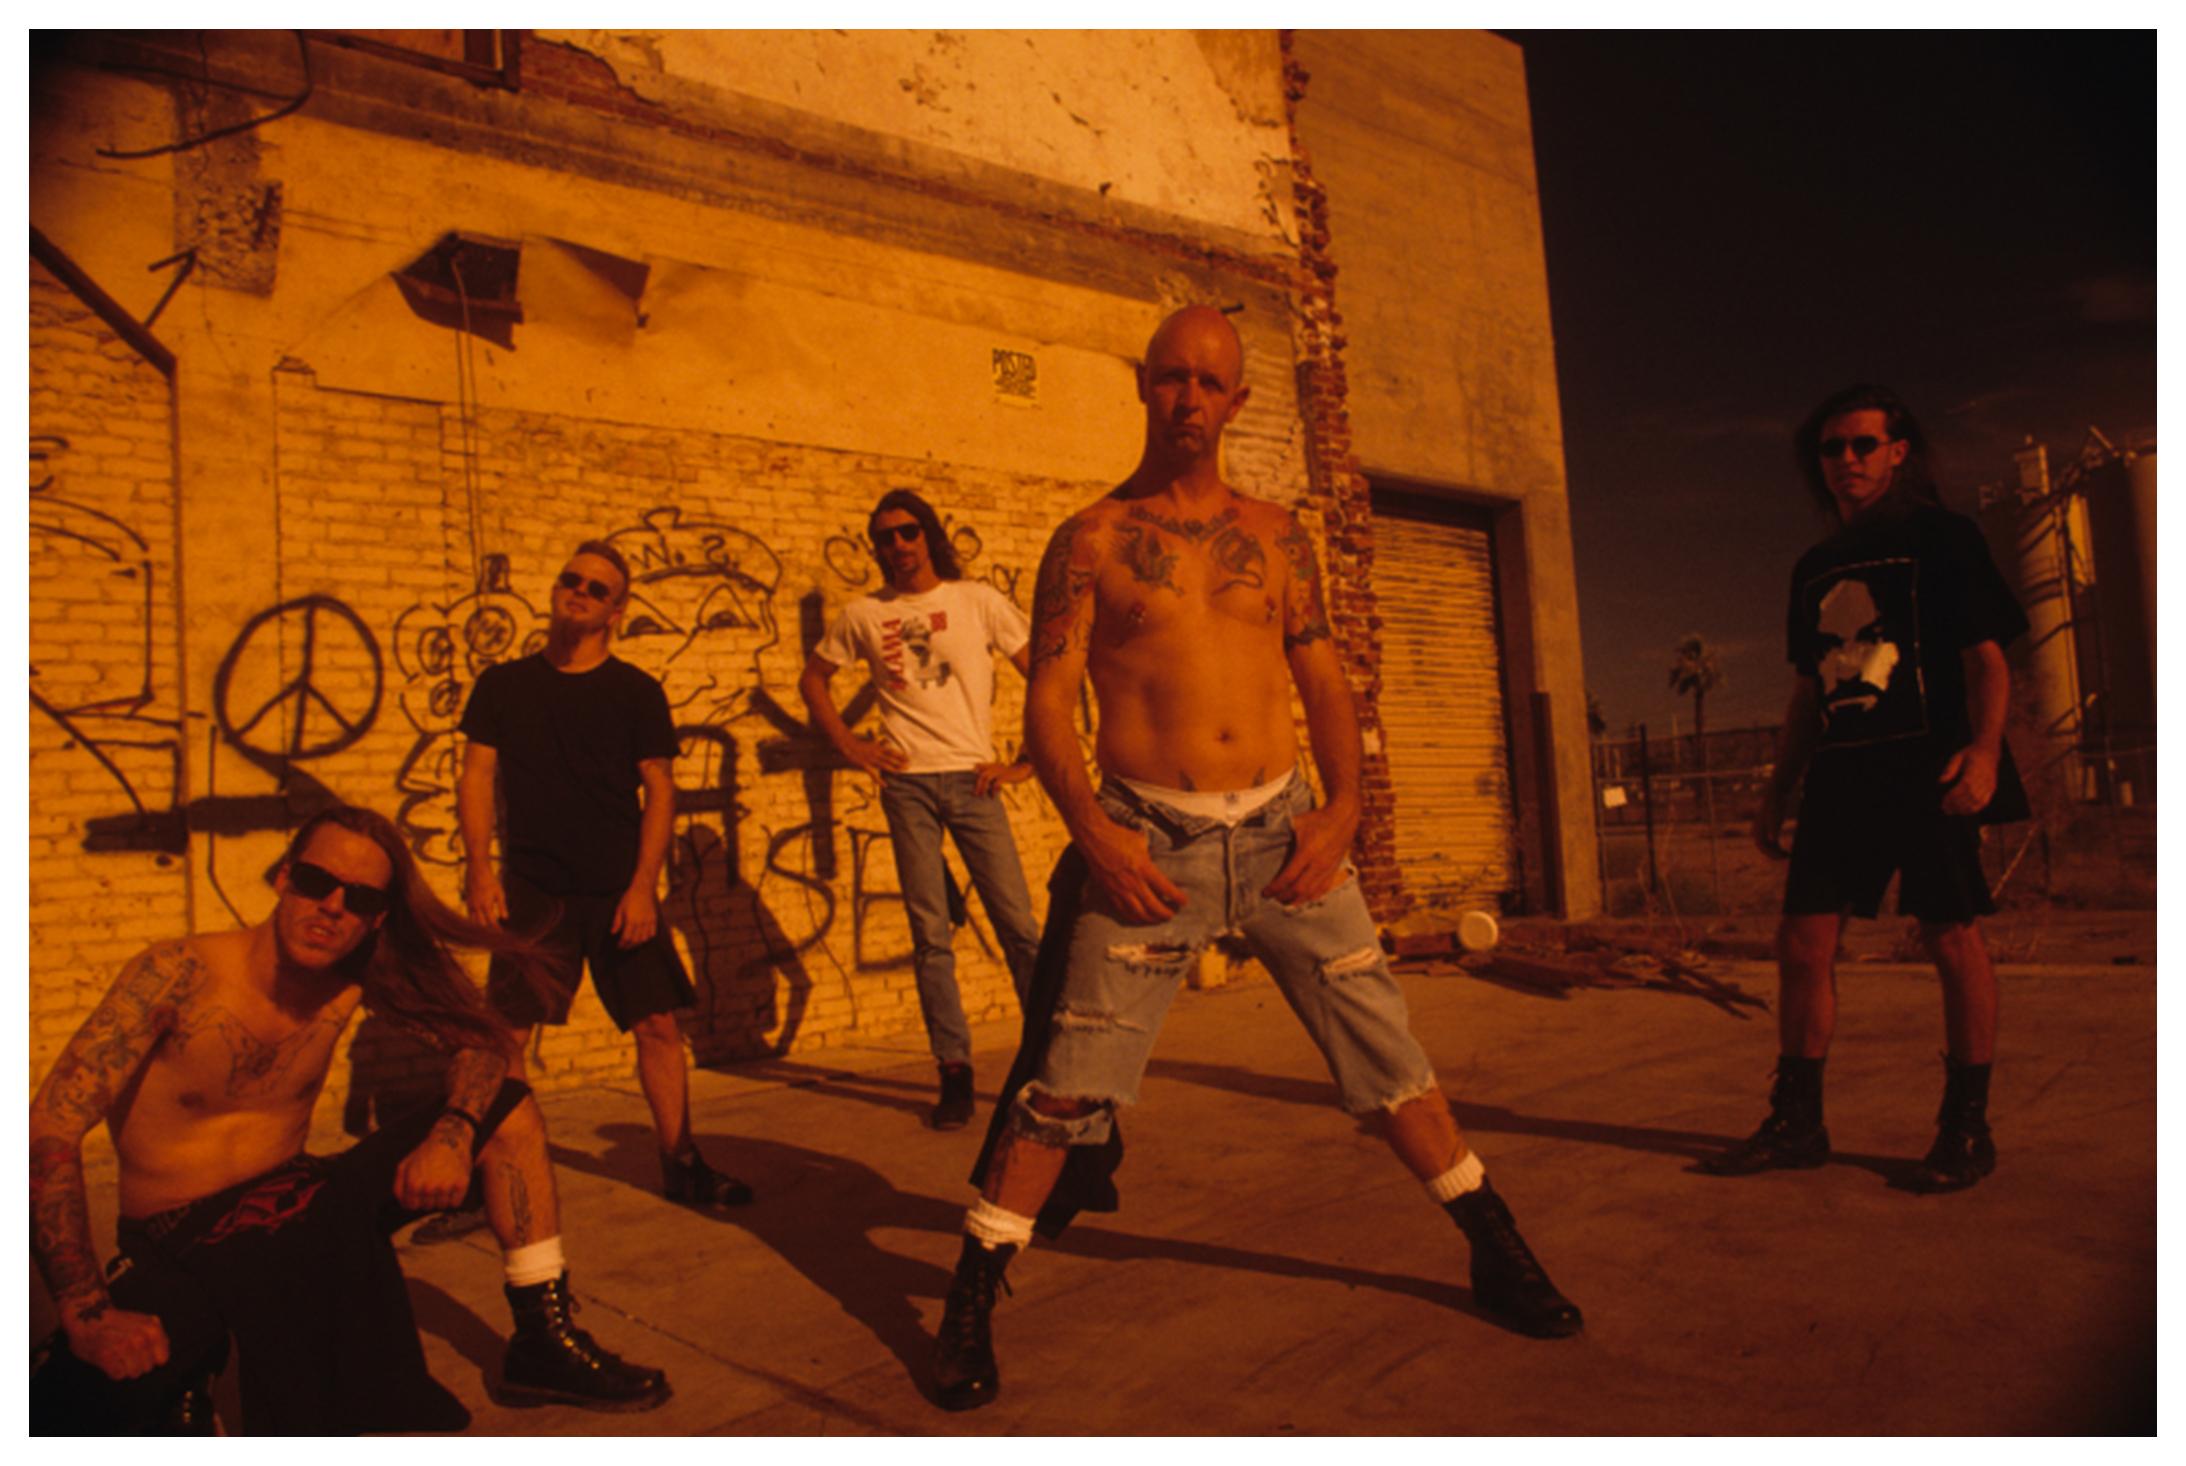 FOTOS GUAPAS Y ROCKERAS - Página 3 Fight_Band01-PRINT